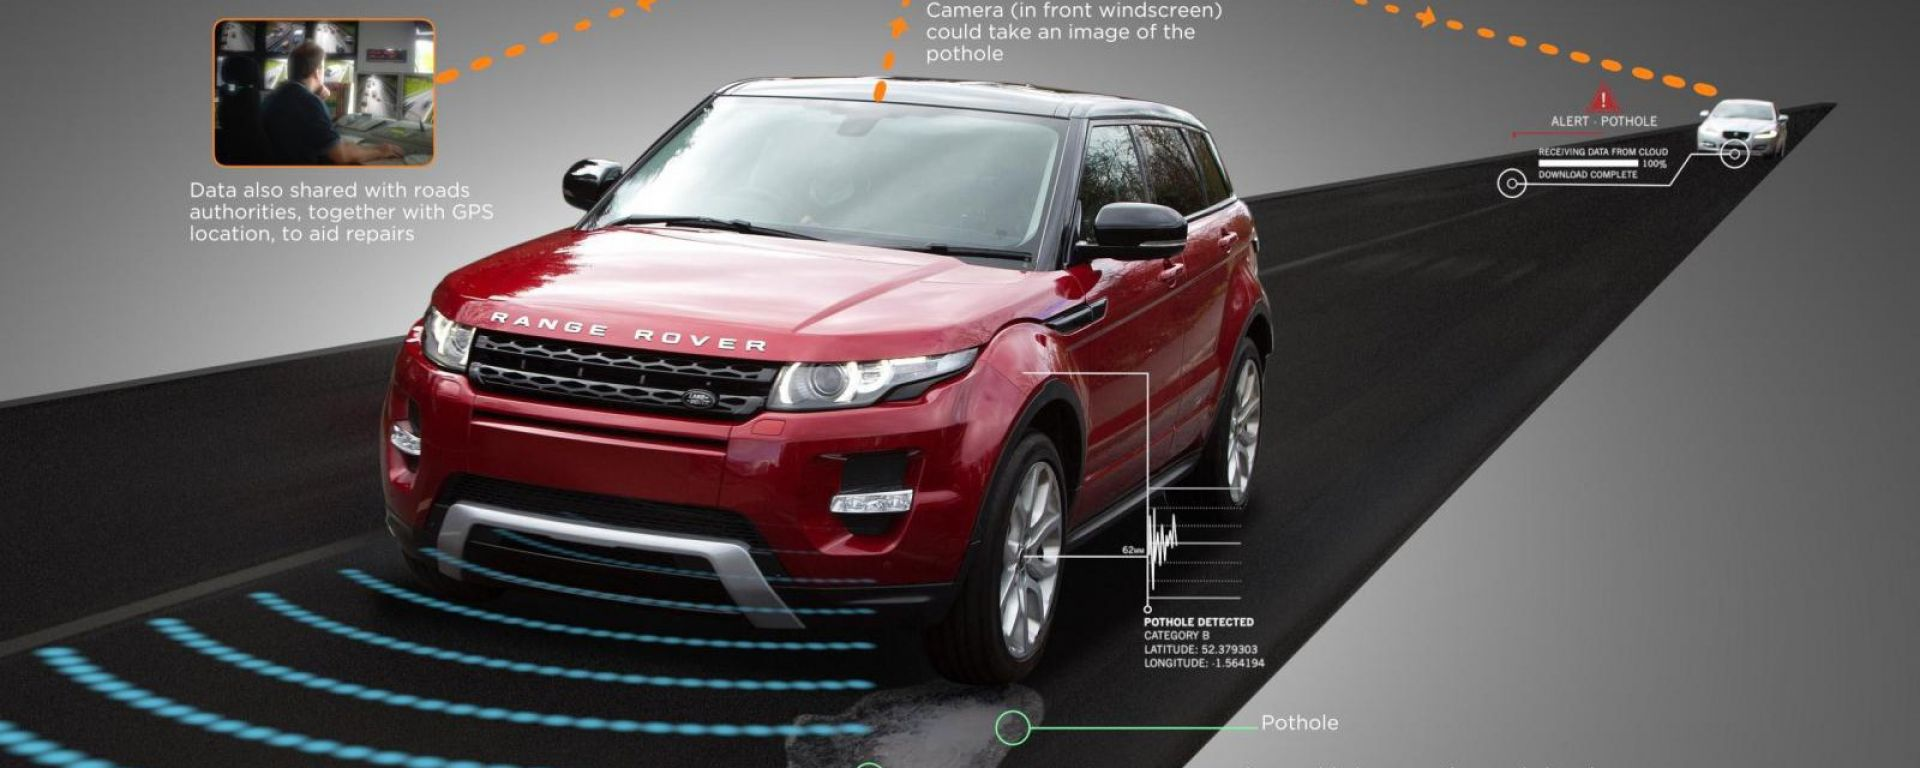 Jaguar Land Rover: un occhio alle buche